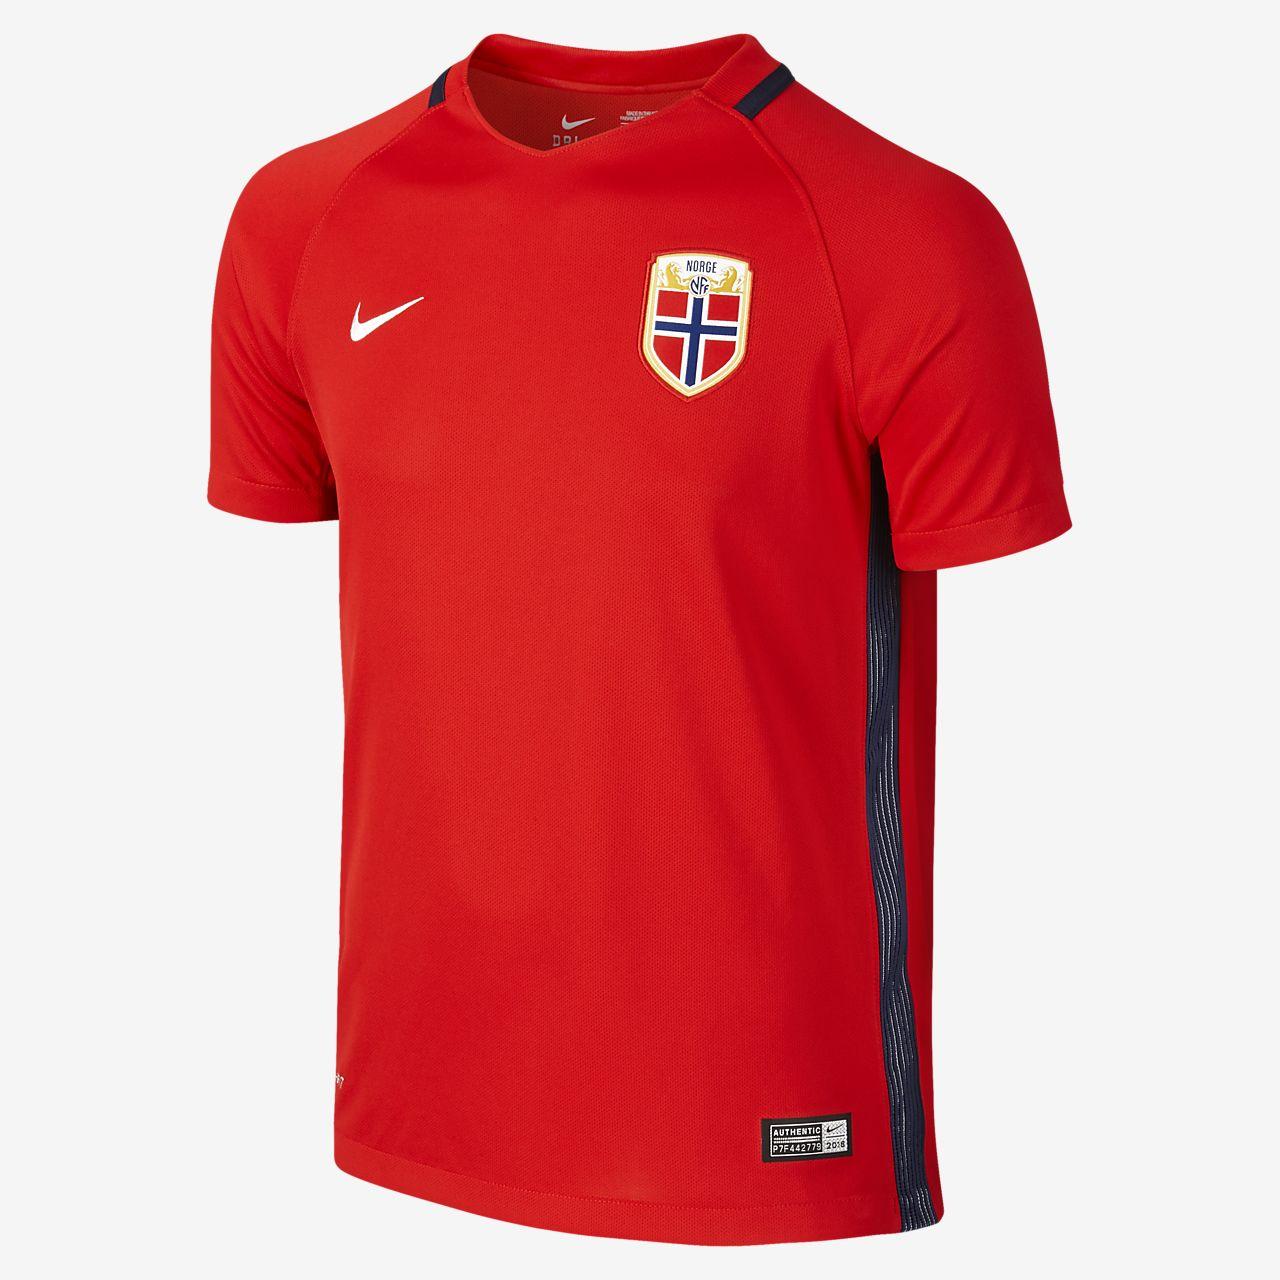 2016 Norwegen Stadium Home Fußballtrikot für ältere Kinder (XS–XL) (122–170 cm)